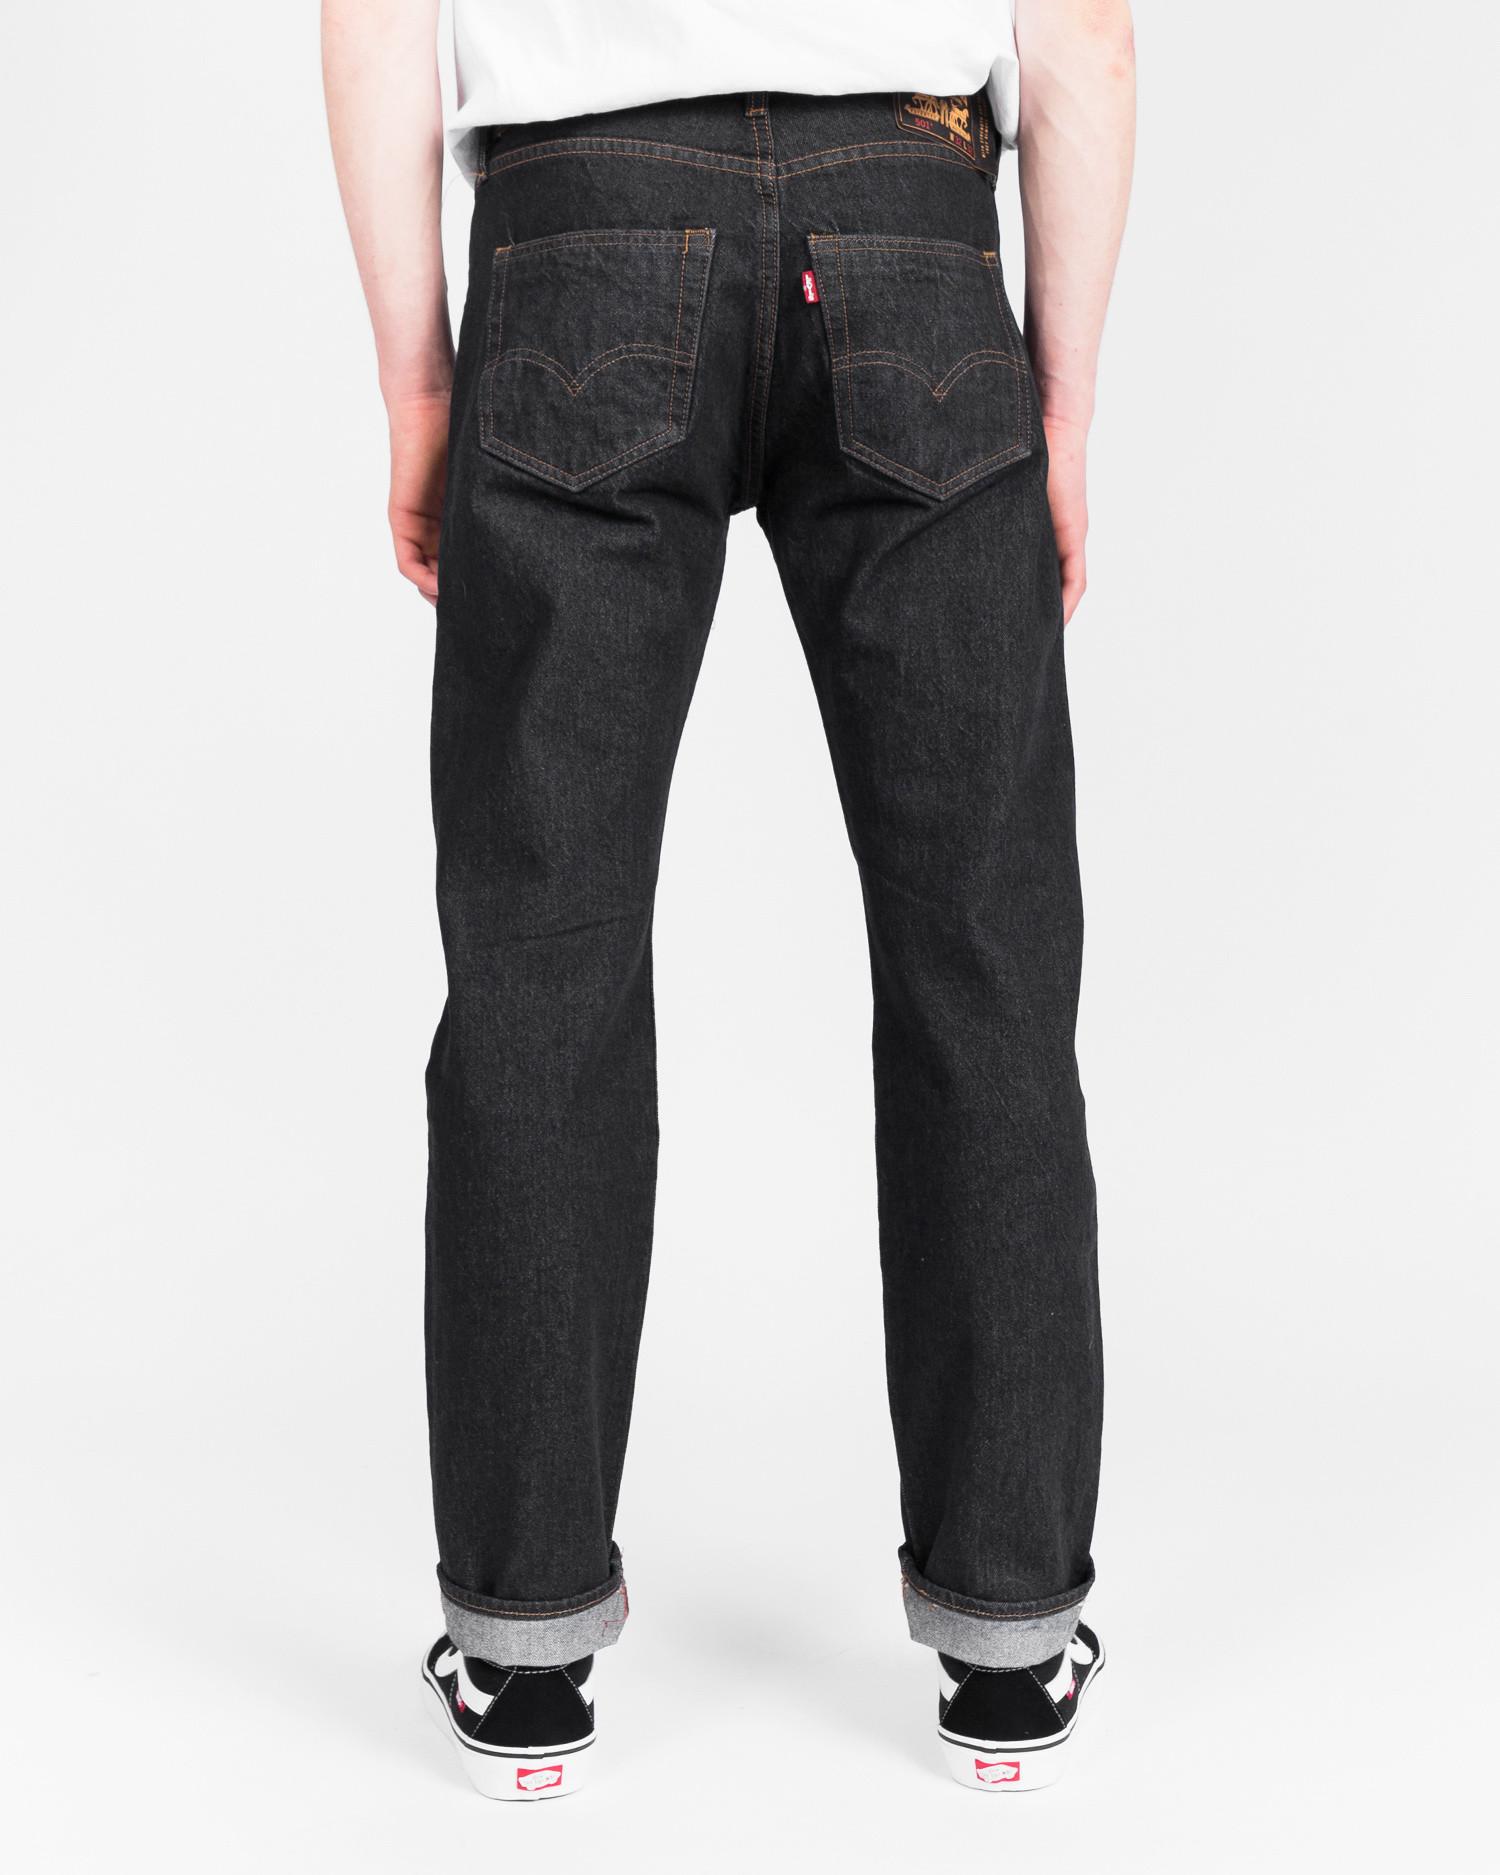 Levi's Skate Denim 501 Pants SE STF Indigo Warp